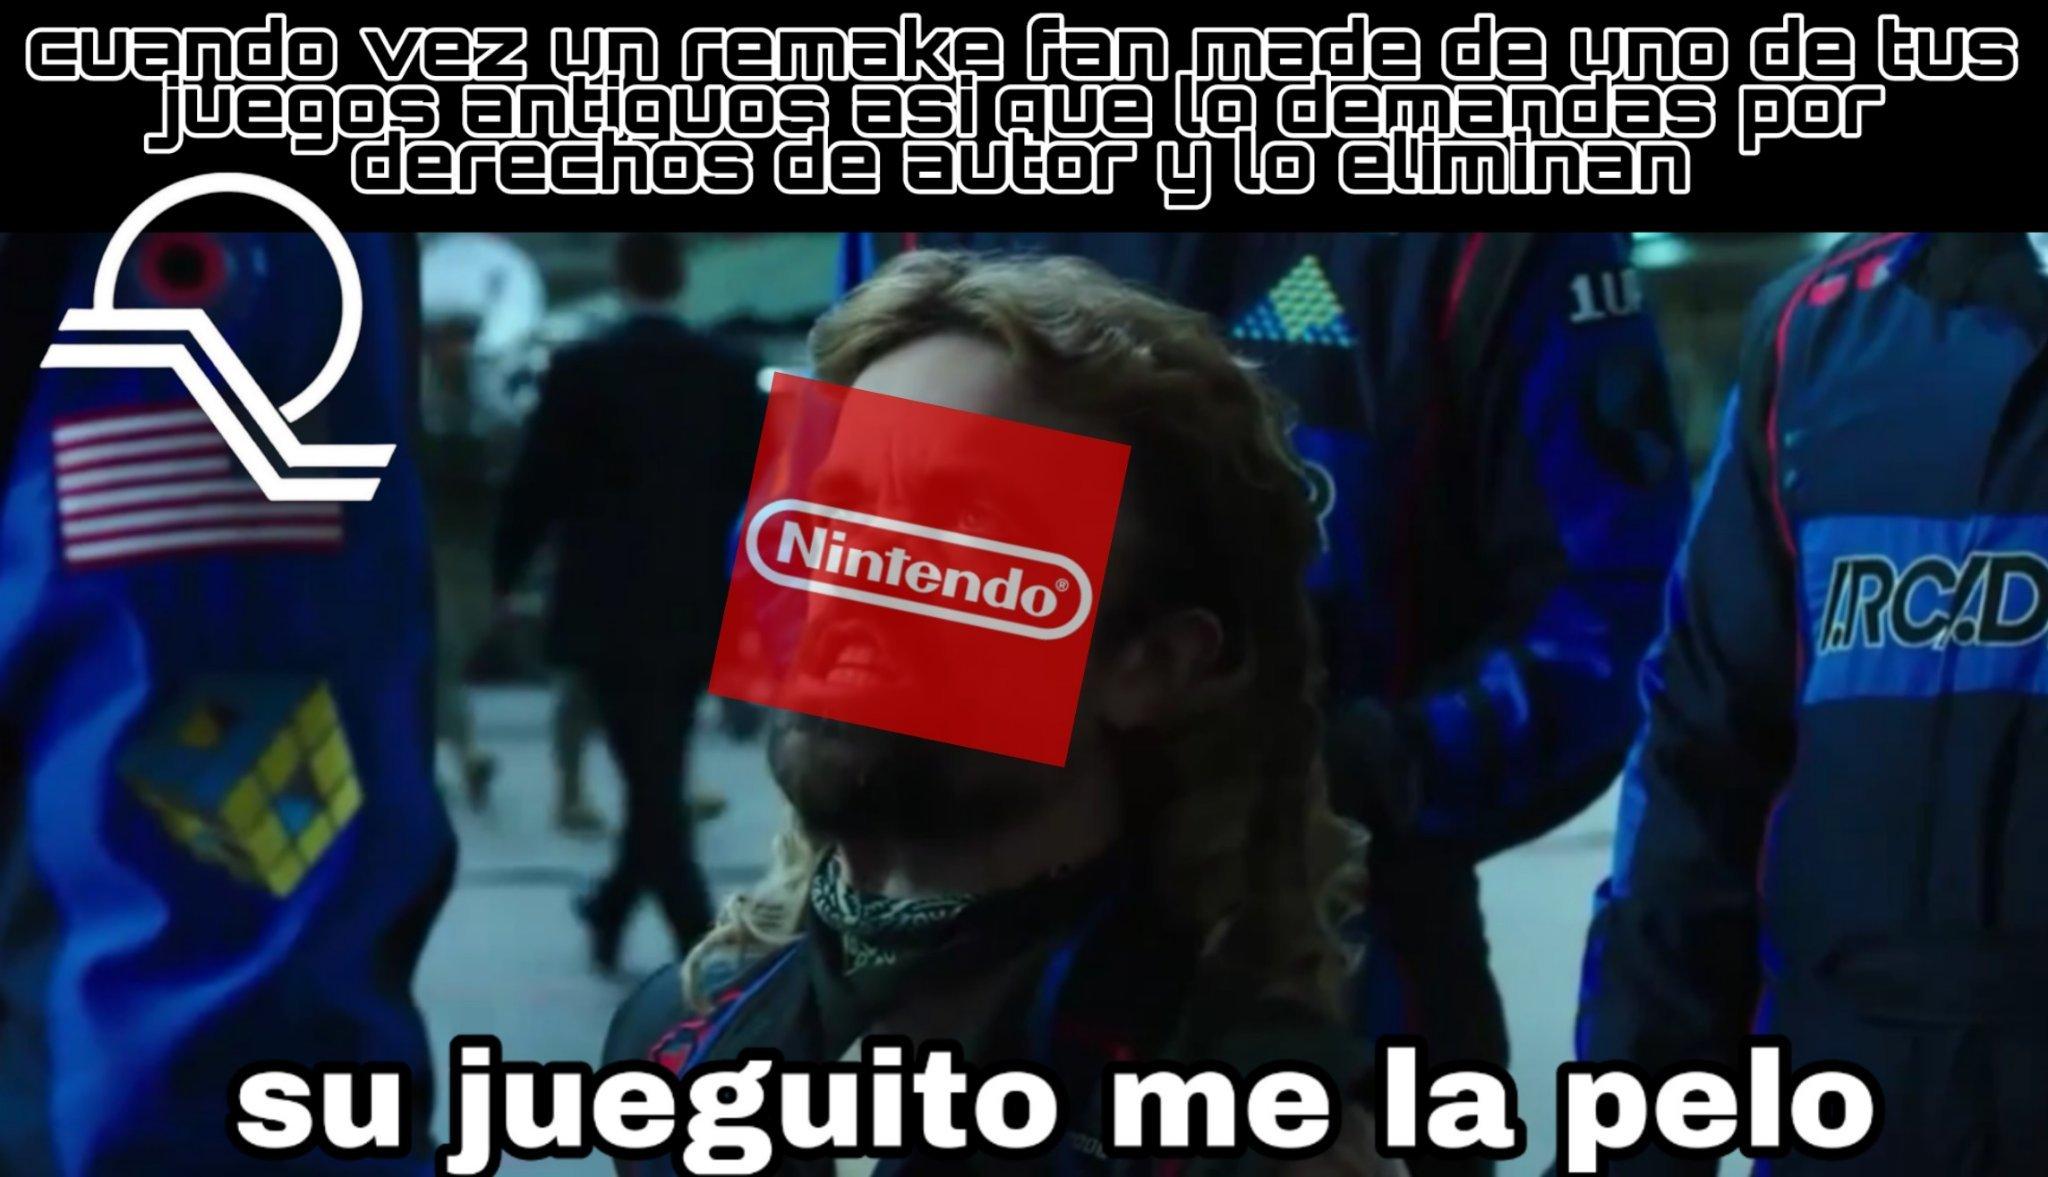 Nintenright - meme